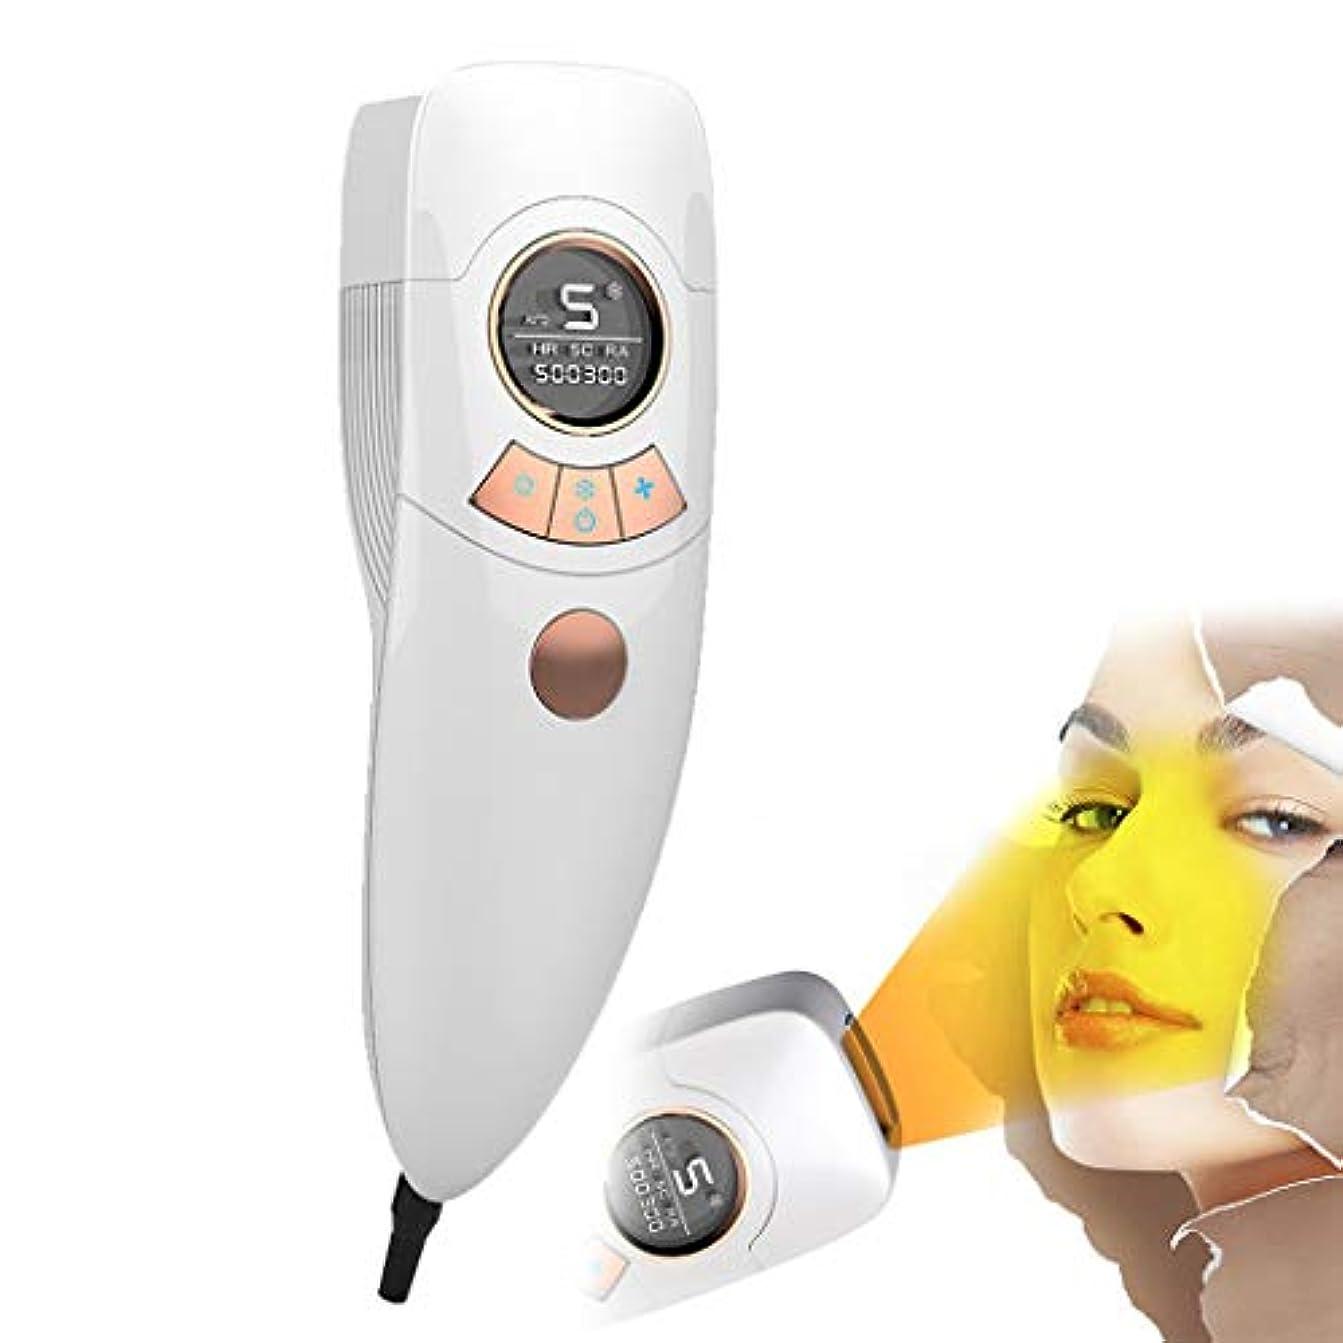 個性新しい意味栄養電気脱毛装置は痛みがありません女性4で1充電式電気脱毛器の髪、ビキニエリア鼻脇の下腕の脚の痛みのない永久的な体毛リムーバー-White